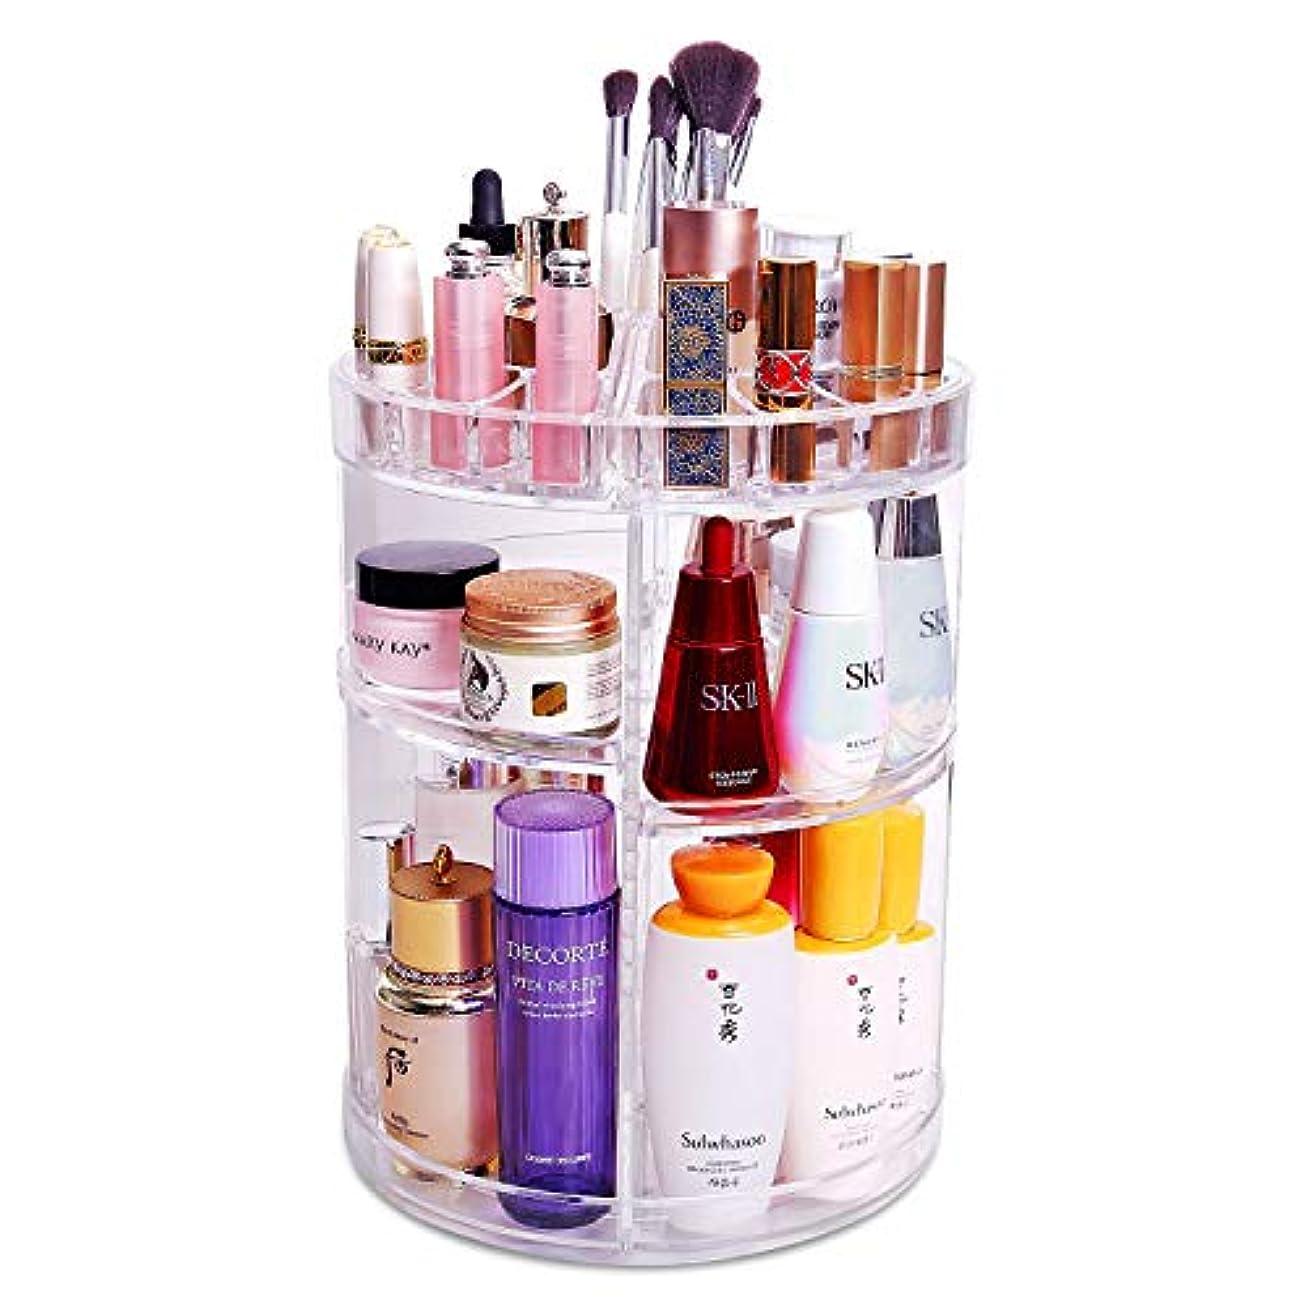 選出するチャップ負担和馳 コスメ収納 メイクボックス 化粧品収納ボックス 大容量 360度回転可能 アクセサリー収納 女子へのギフト